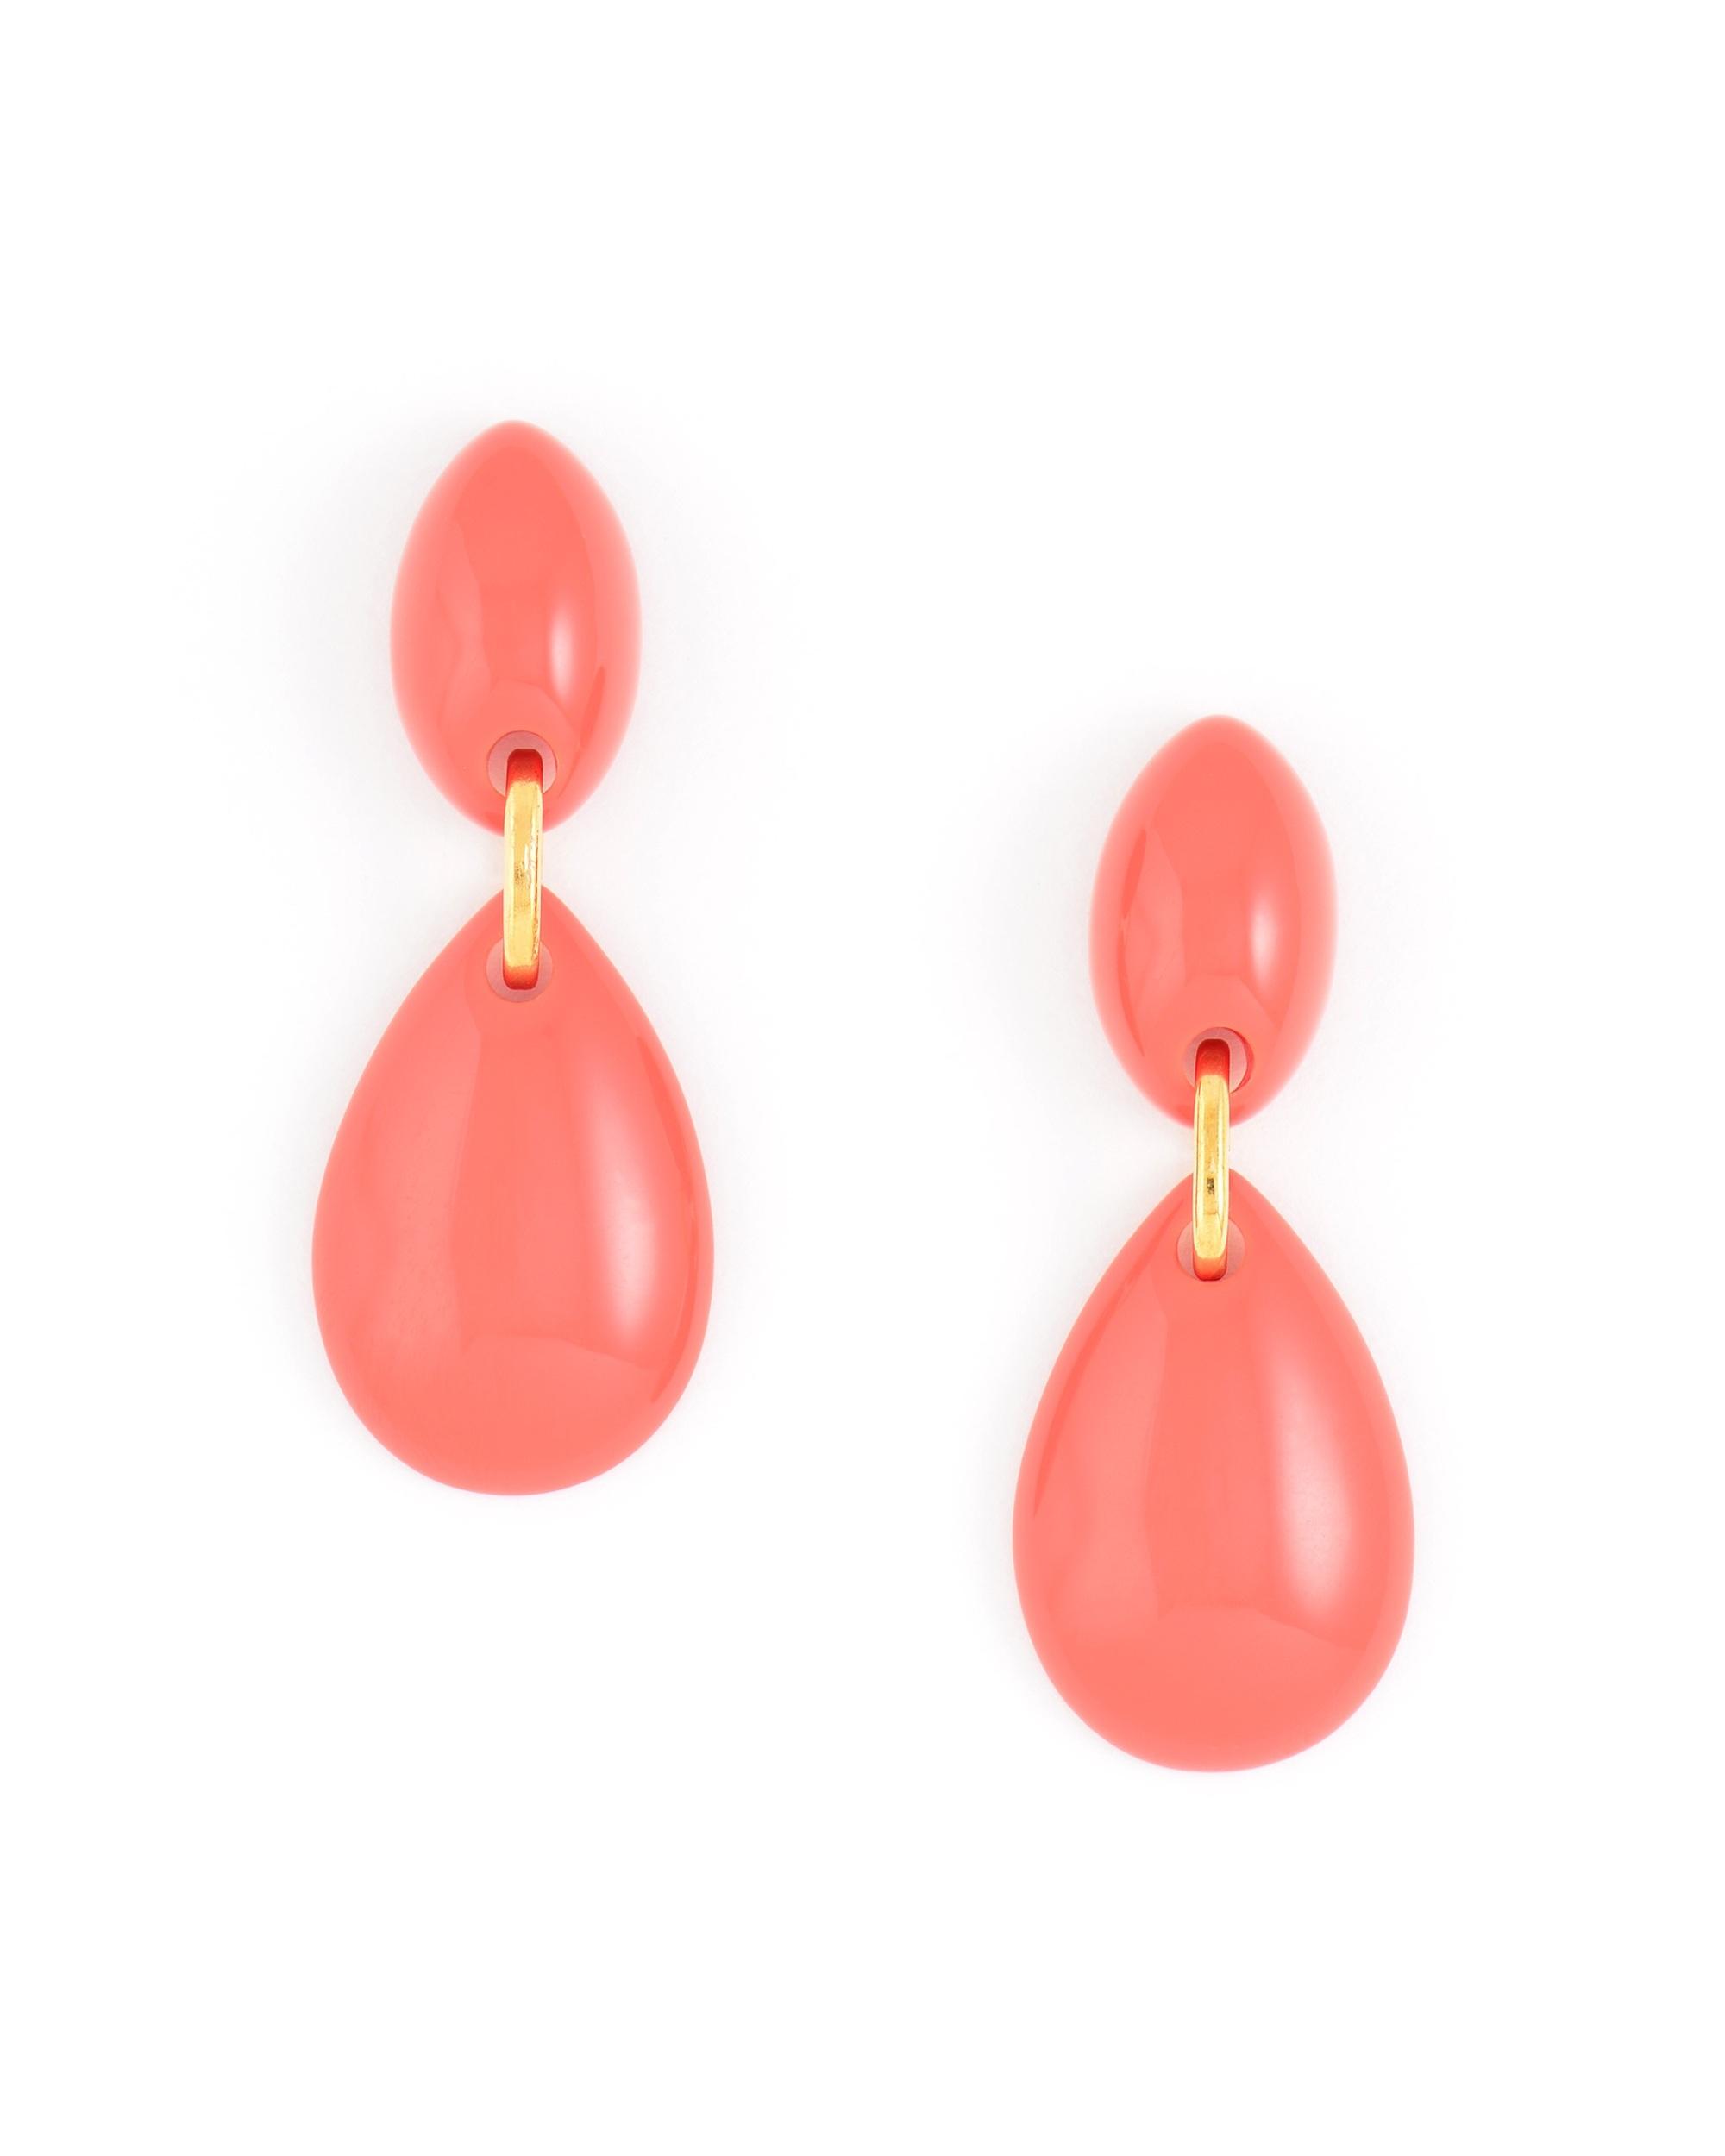 ZENZII Wholesale / Vintage Glam Drop Earring